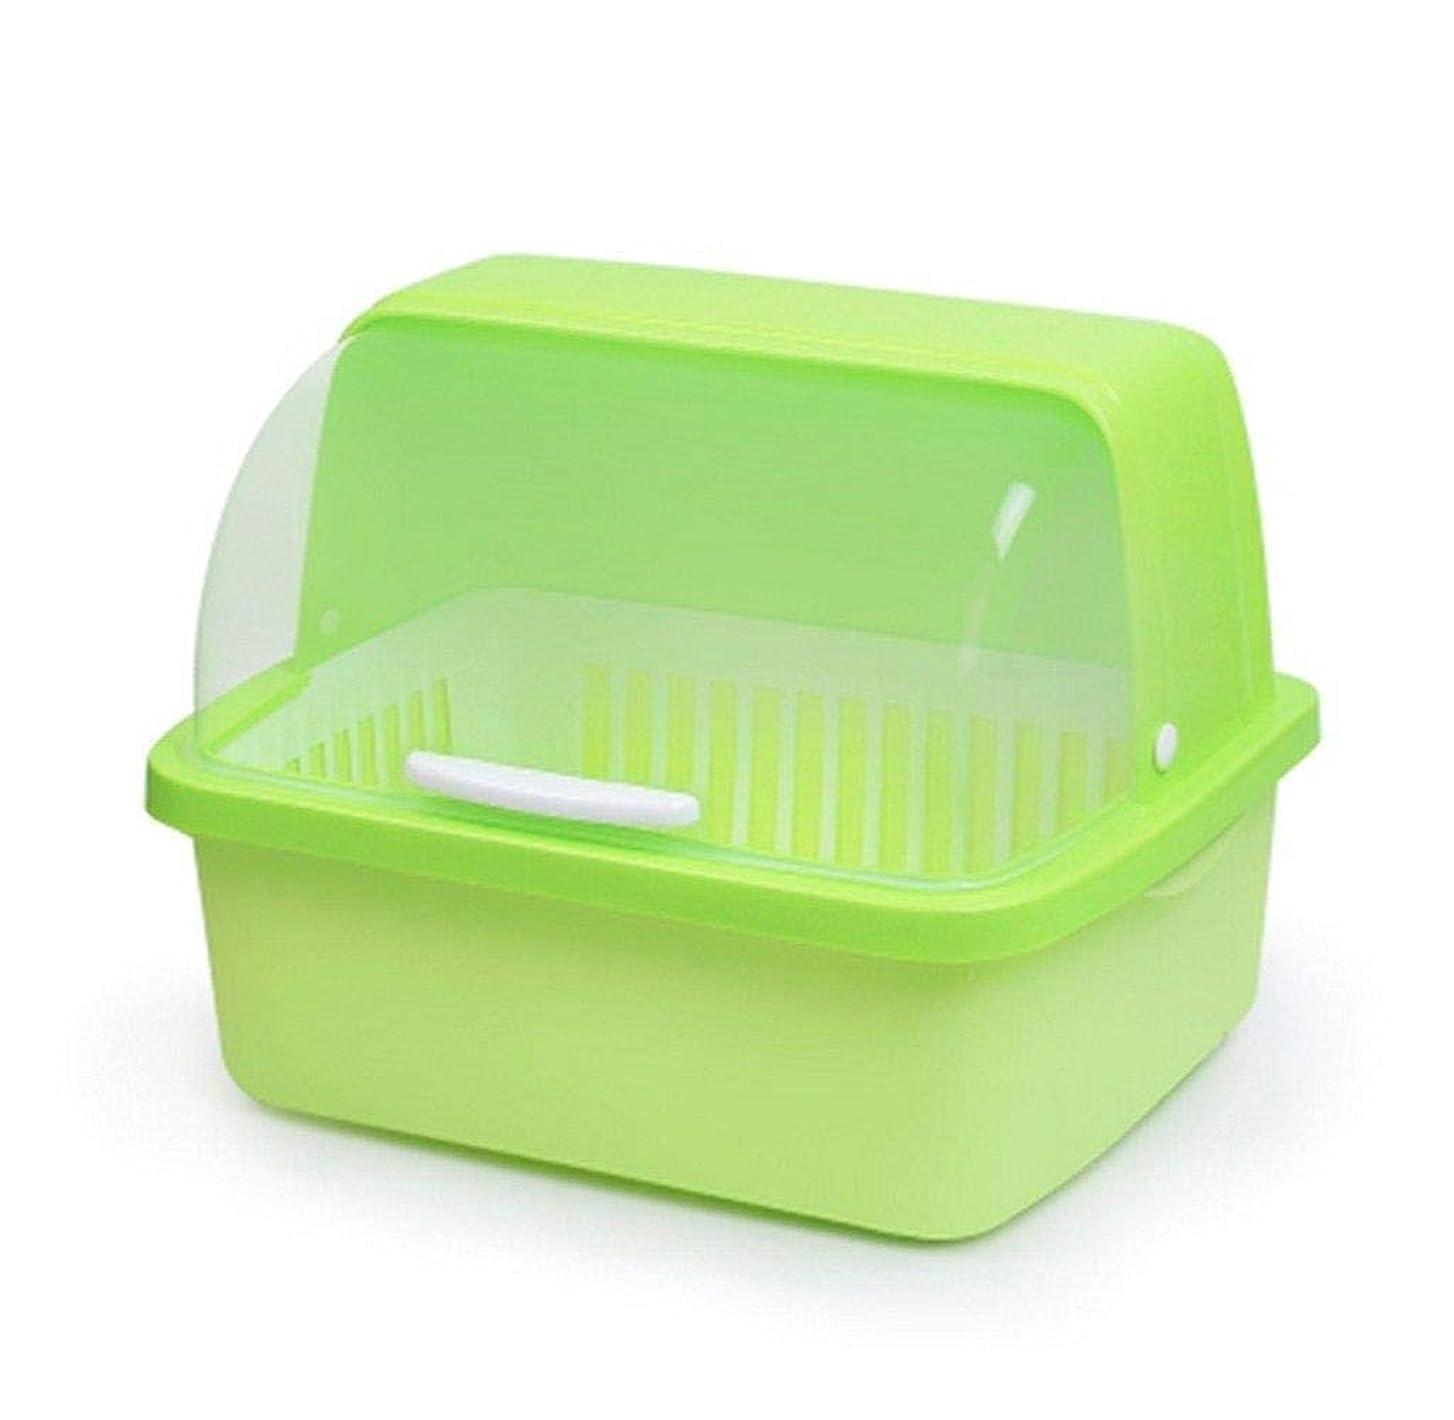 報復する保育園不平を言うドリップトレイ、食器収納ボックス付きキッチンクラフトディッシュドレンコンテナー、キッチンドレンの安全性(色:青、サイズ:小)